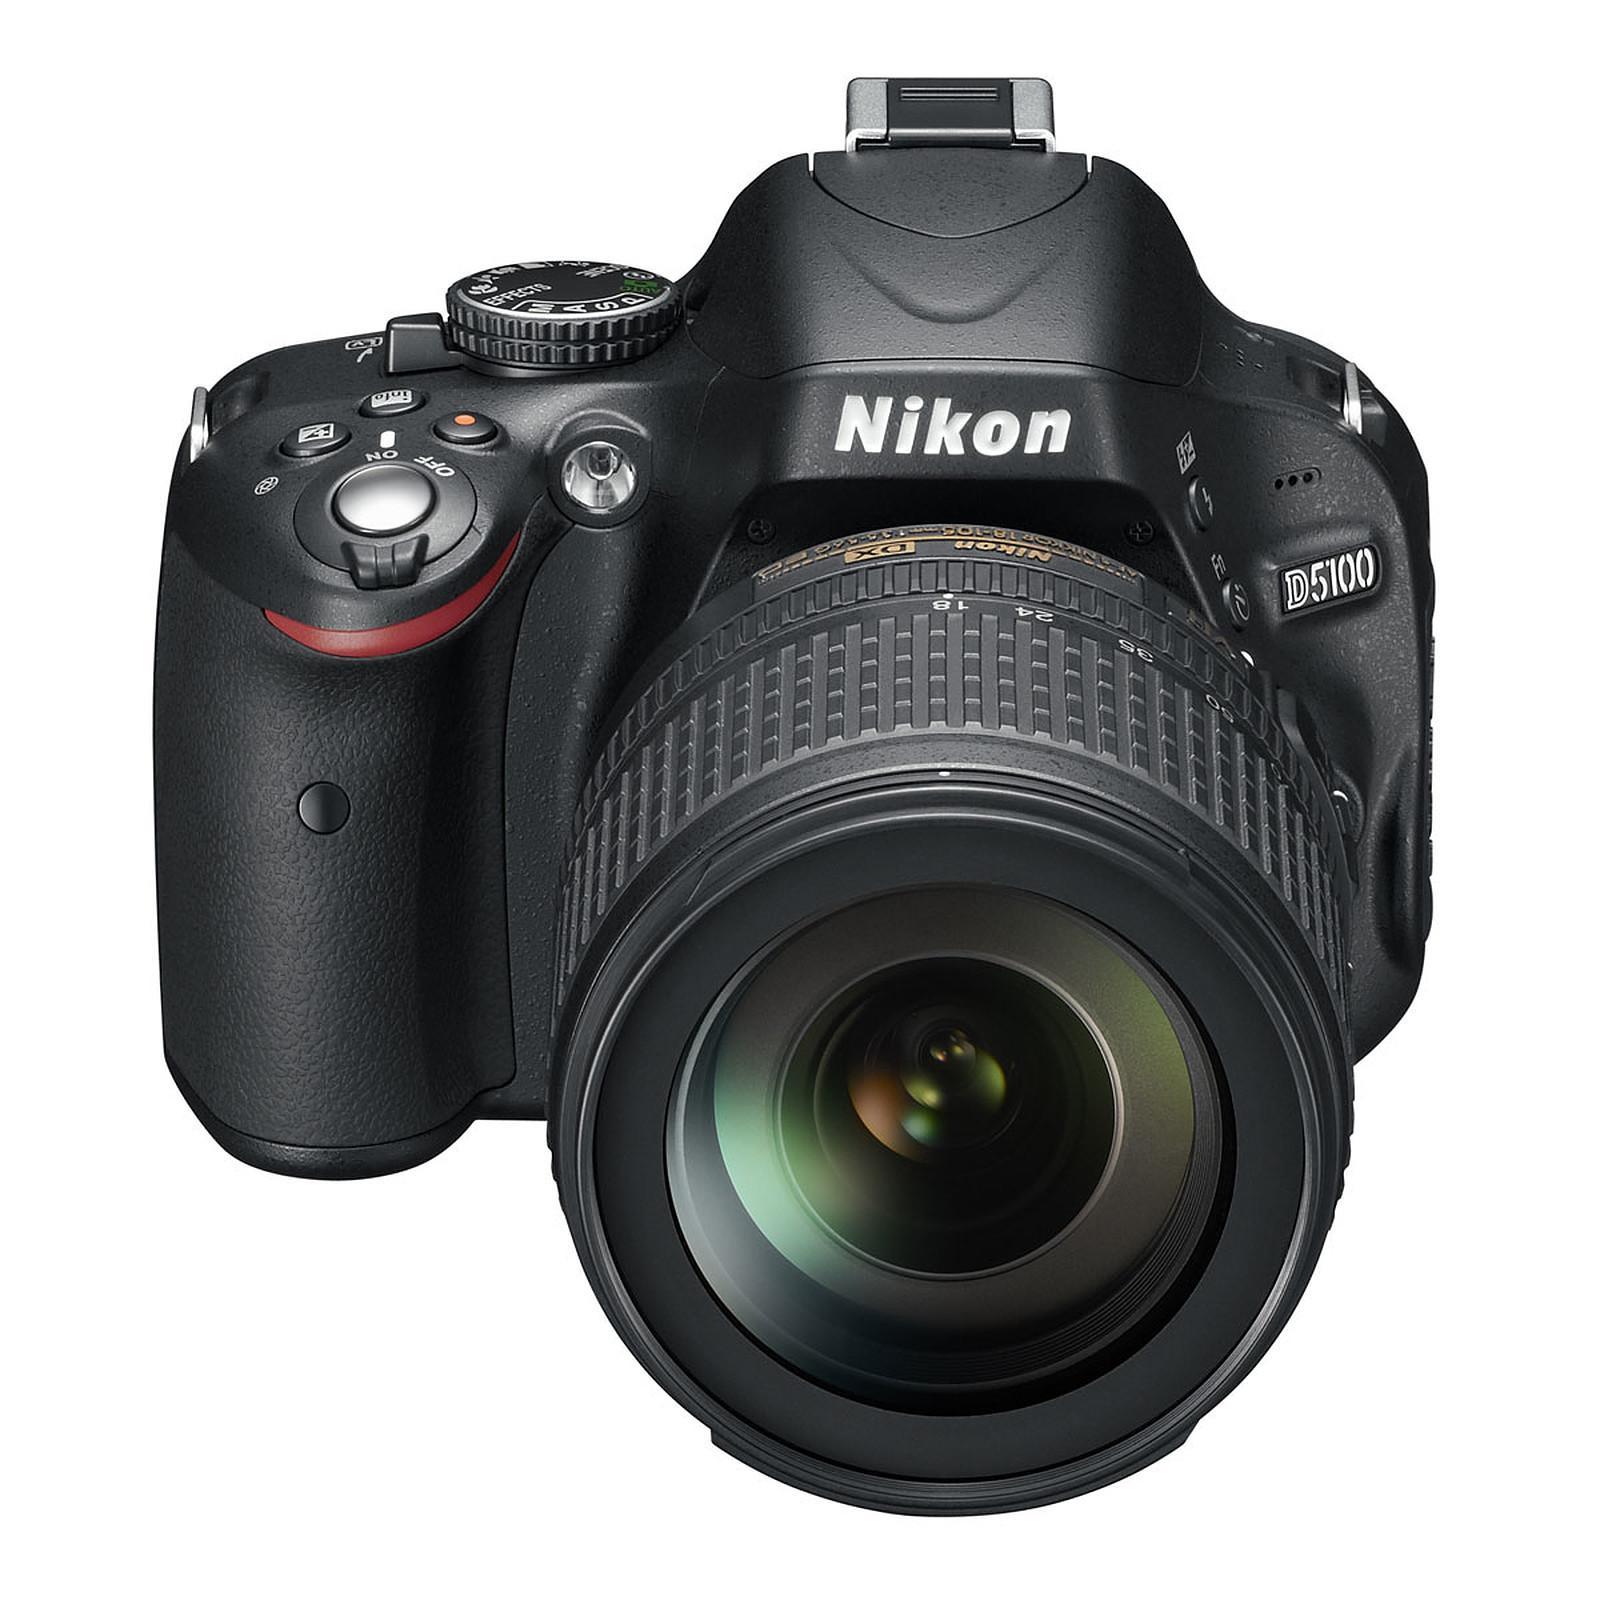 Reflexe - Nikon D5100 - Noir + Objectif Nikon AF-S DX Nikkor 18-105mm 1:3,5-5,6G ED VR